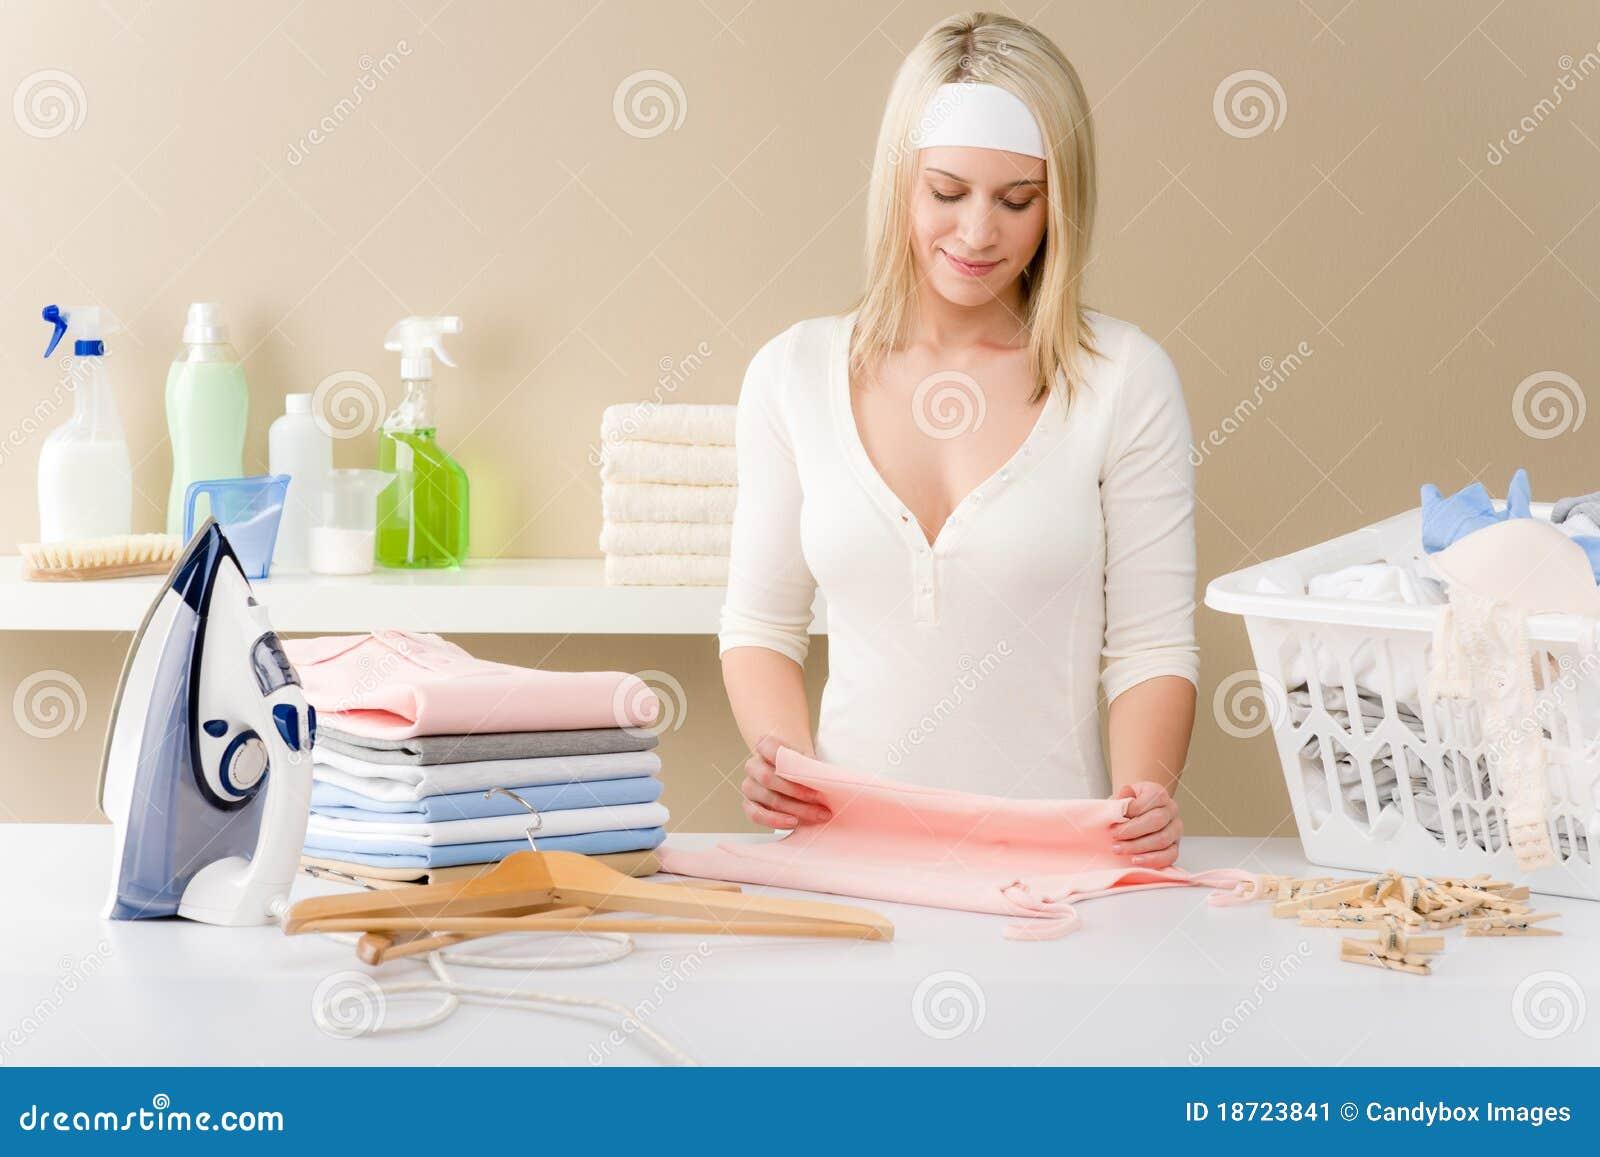 Laundry Ironing Woman Folding Clothes Stock Image